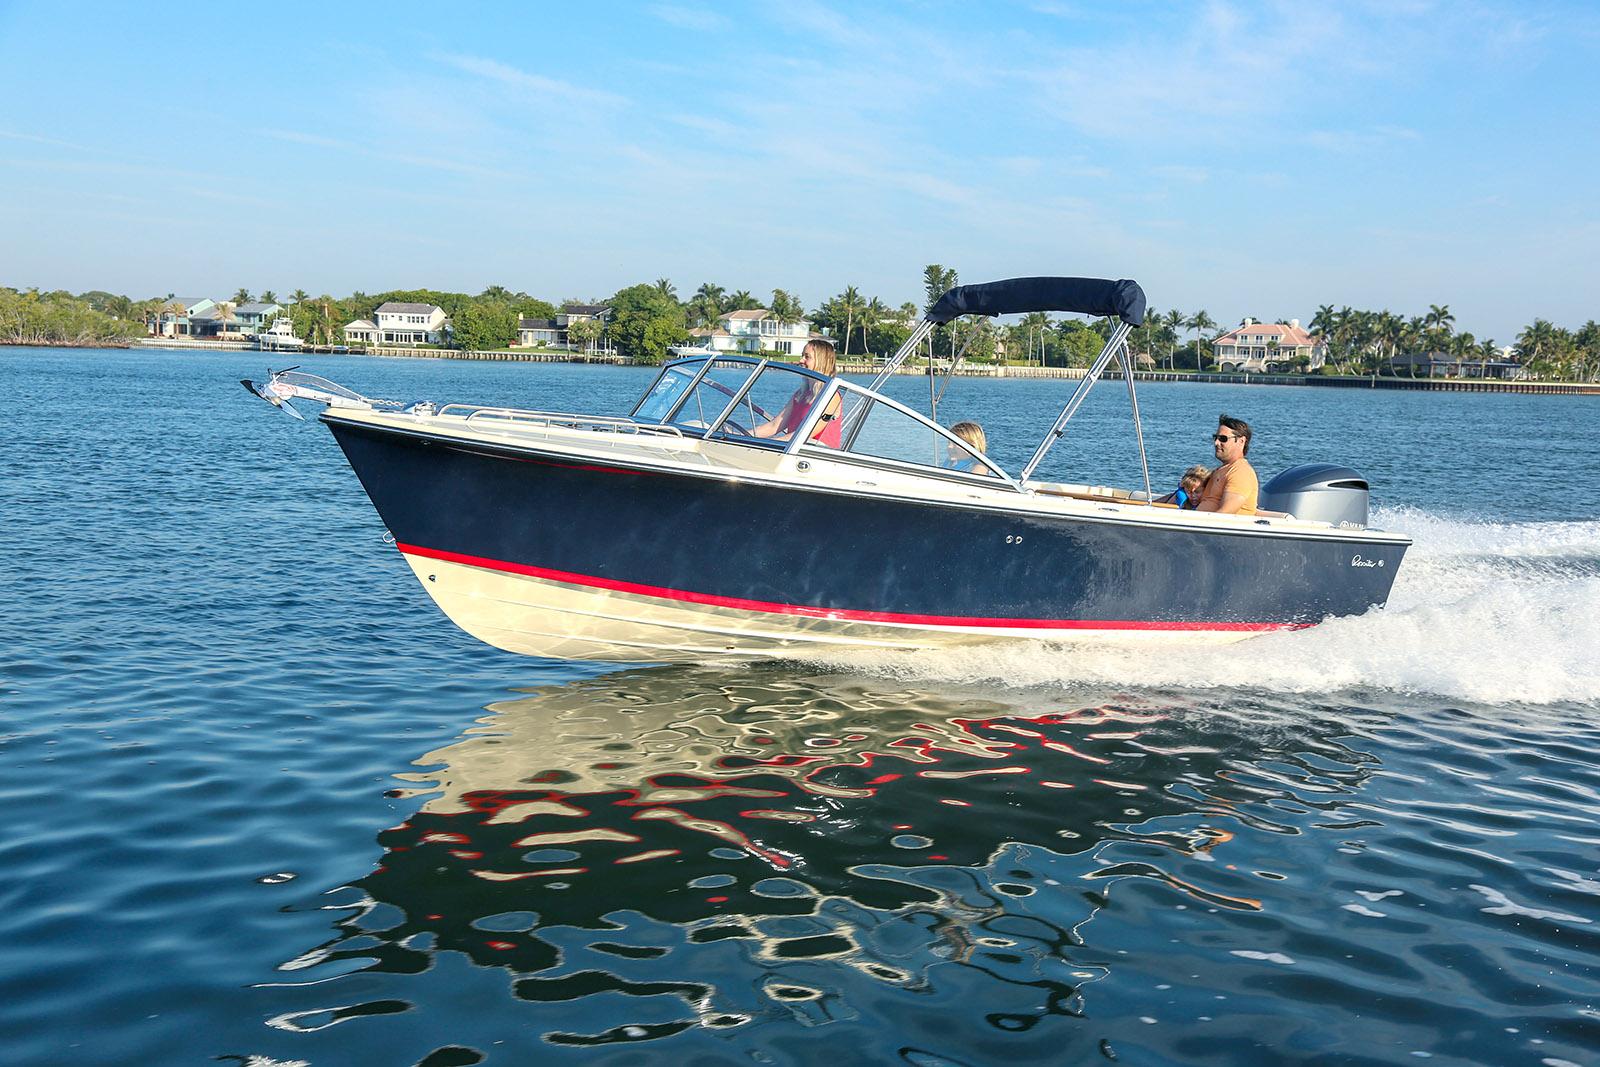 rossiter23 cdb - rossiter boats